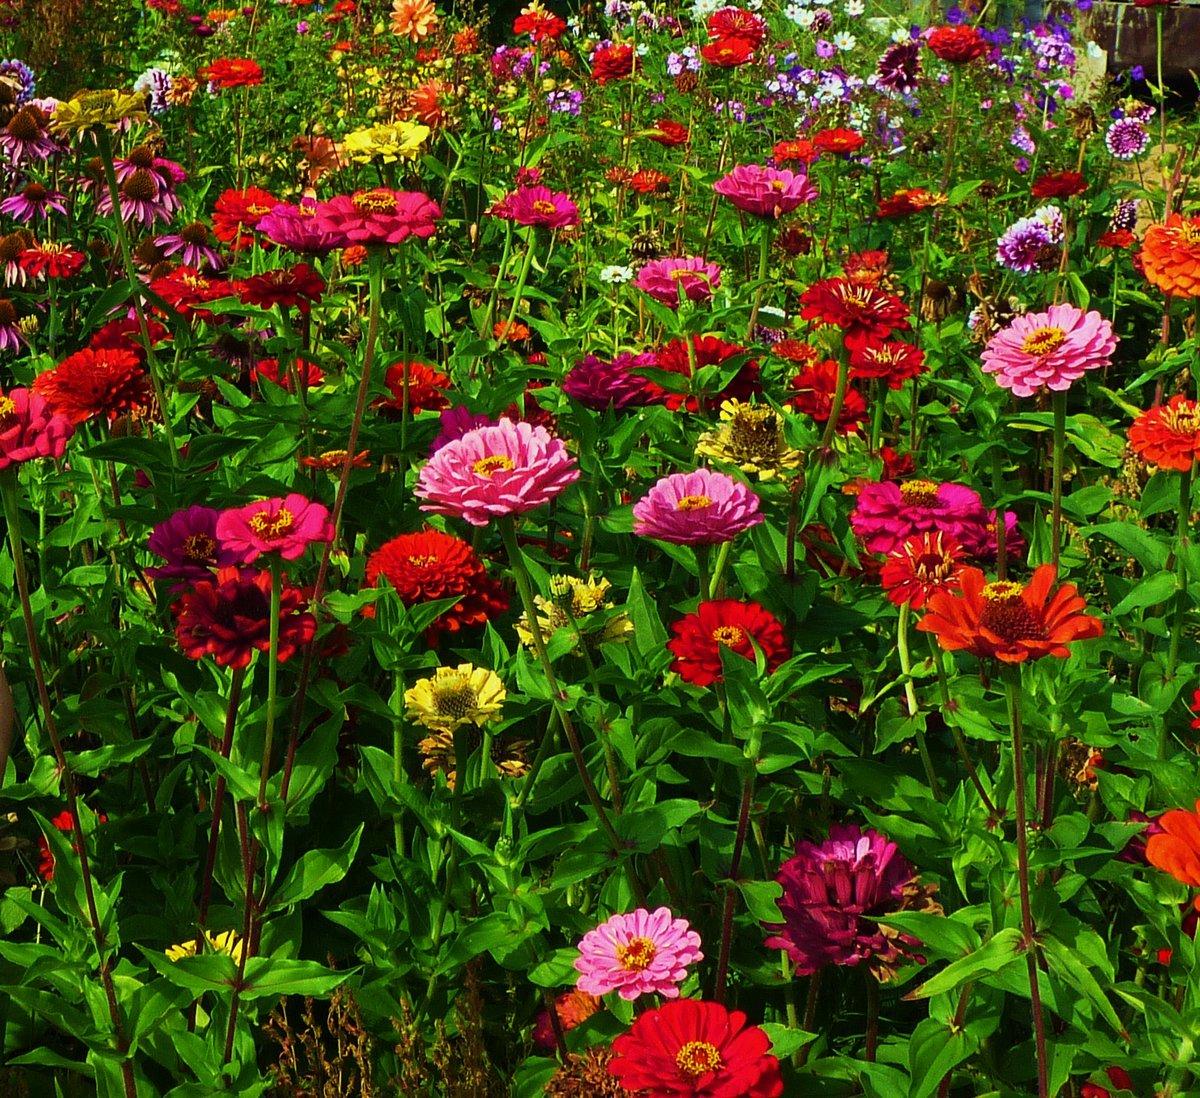 цветы панычи фото помещение